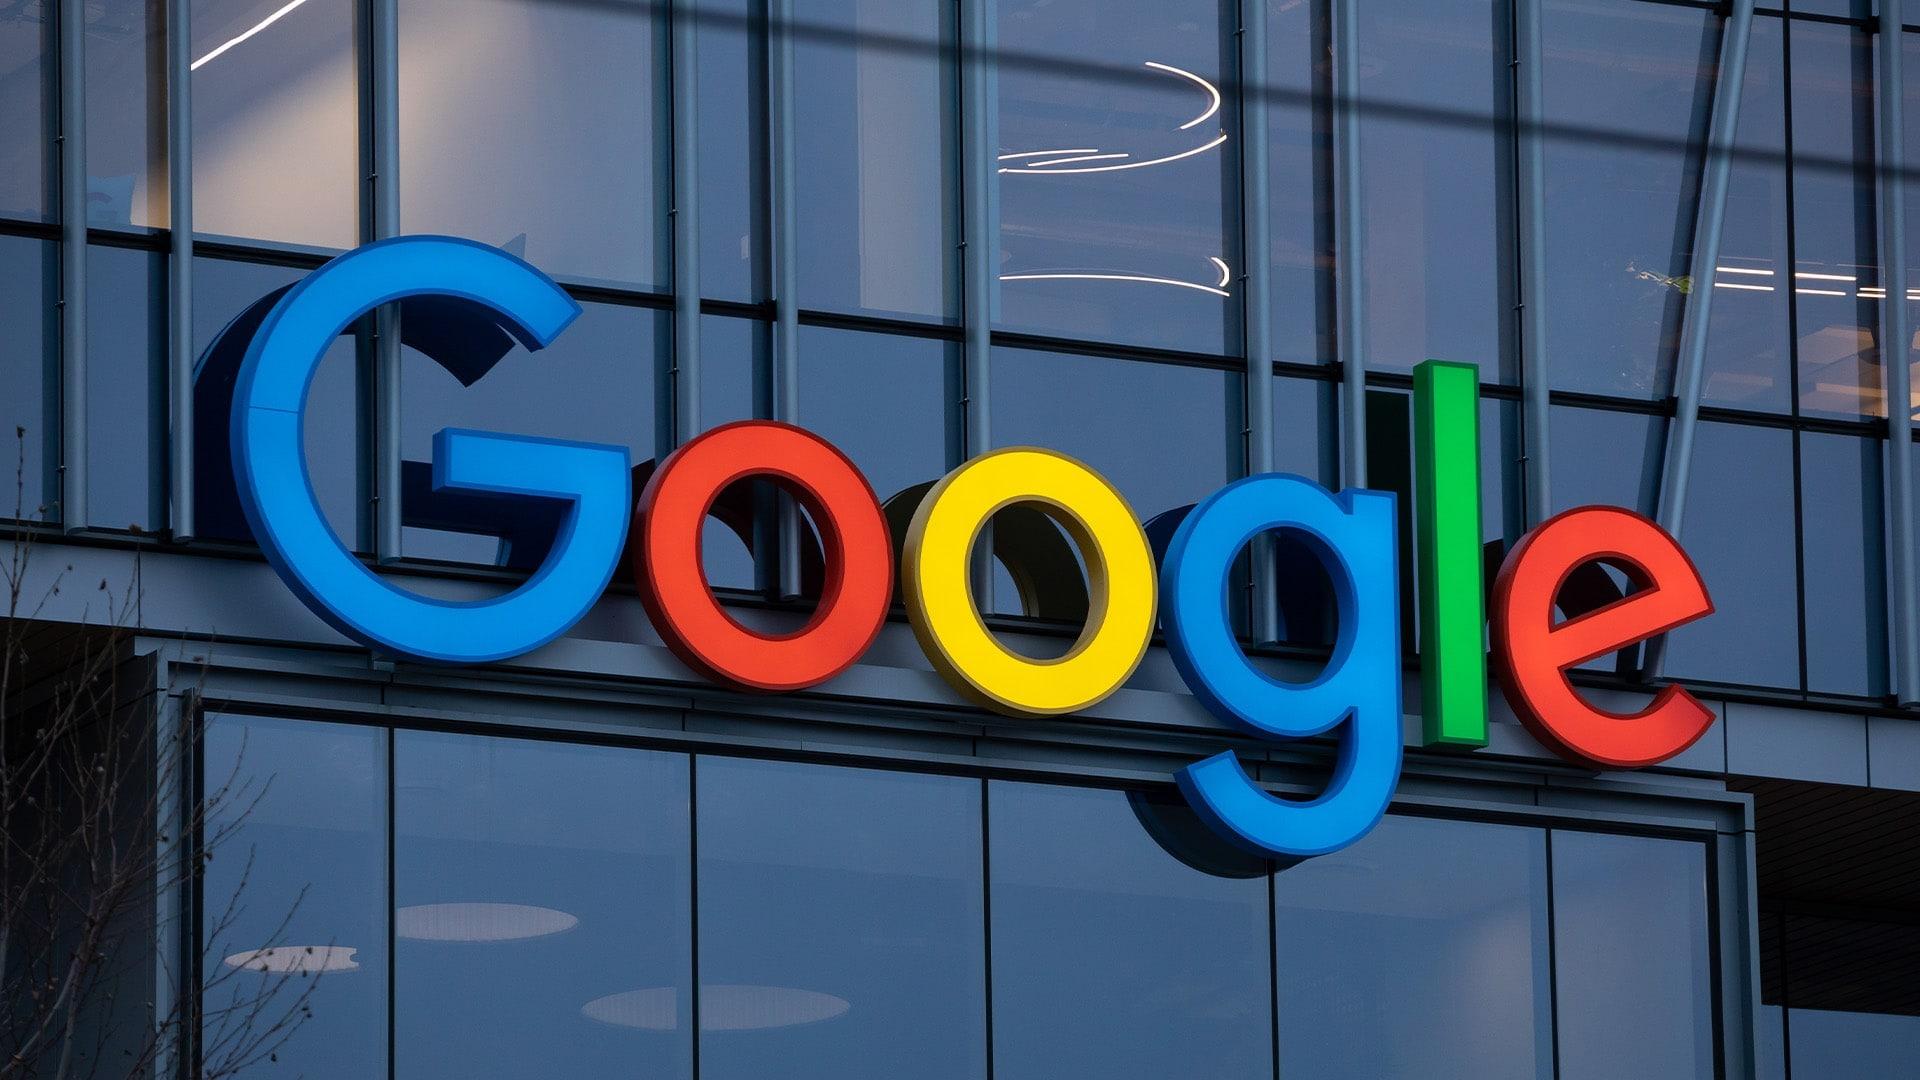 Sul vostro Android potete abilitare i risultati personali da Google: ecco come